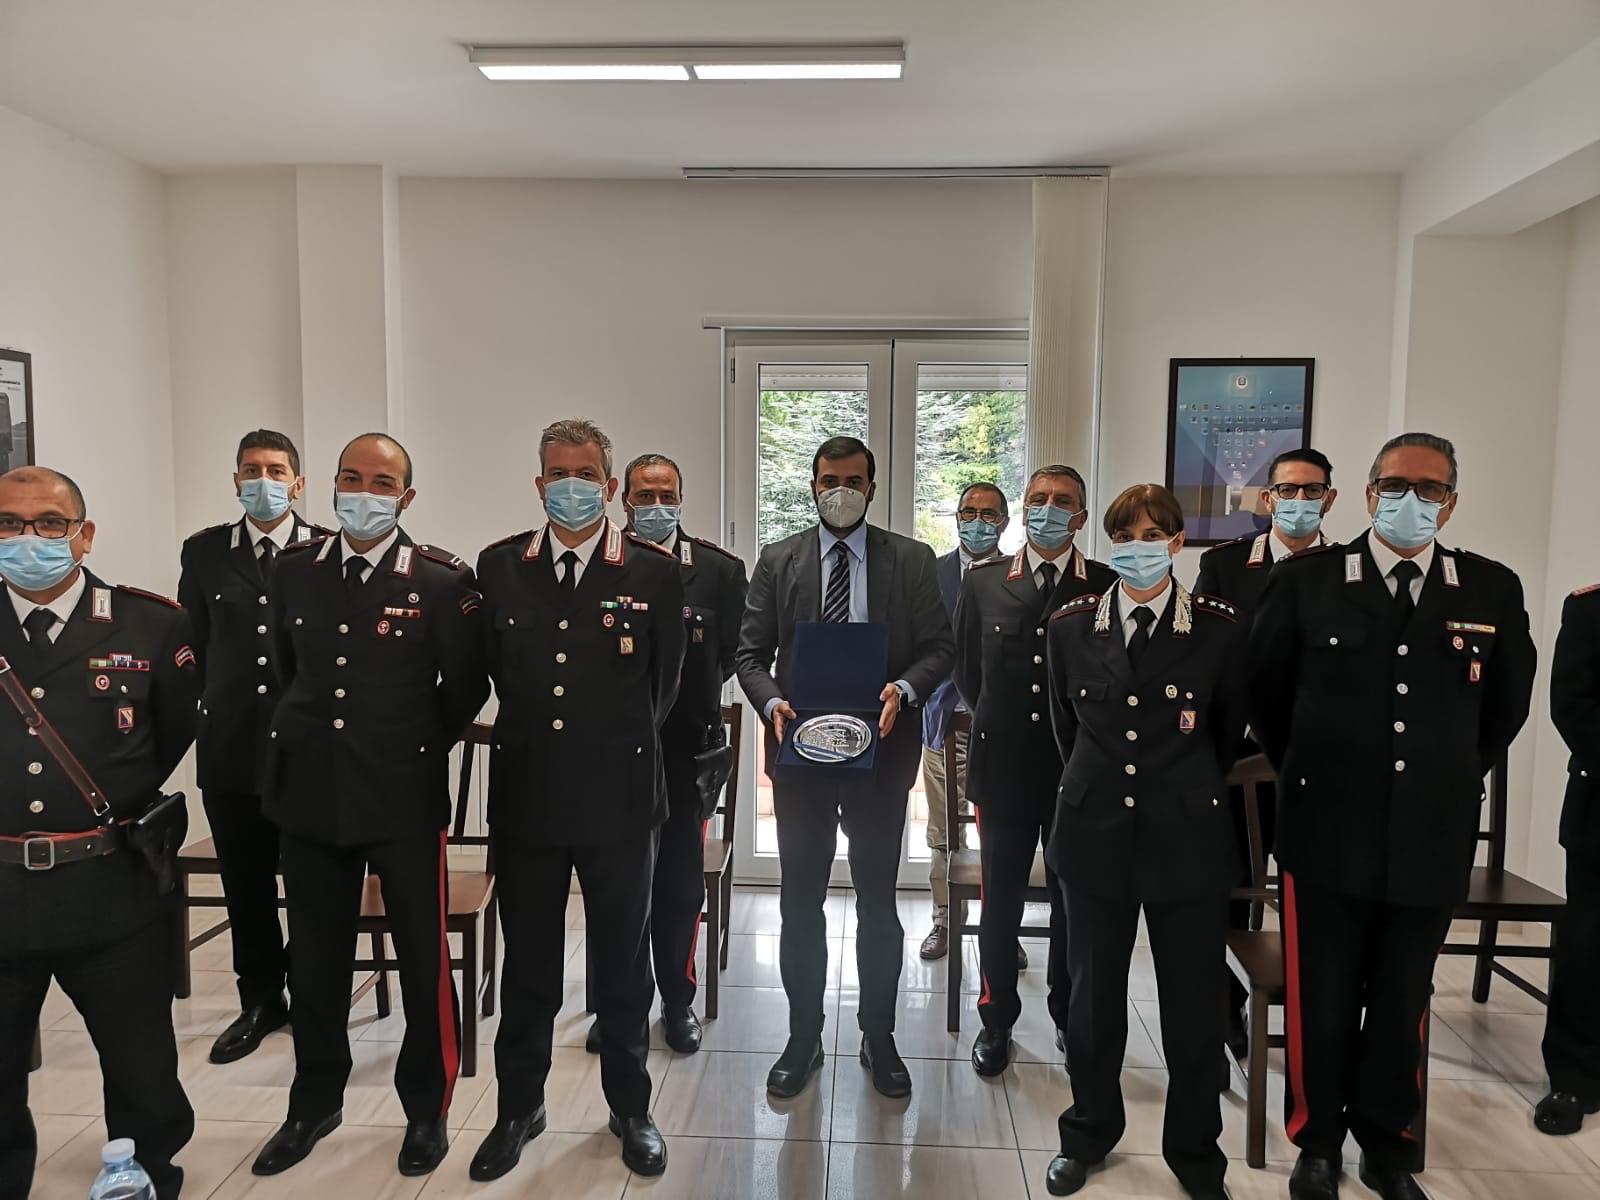 Ariano Irpino| Zona rossa, il sottosegretario Sibilia: in arrivo un milione di euro